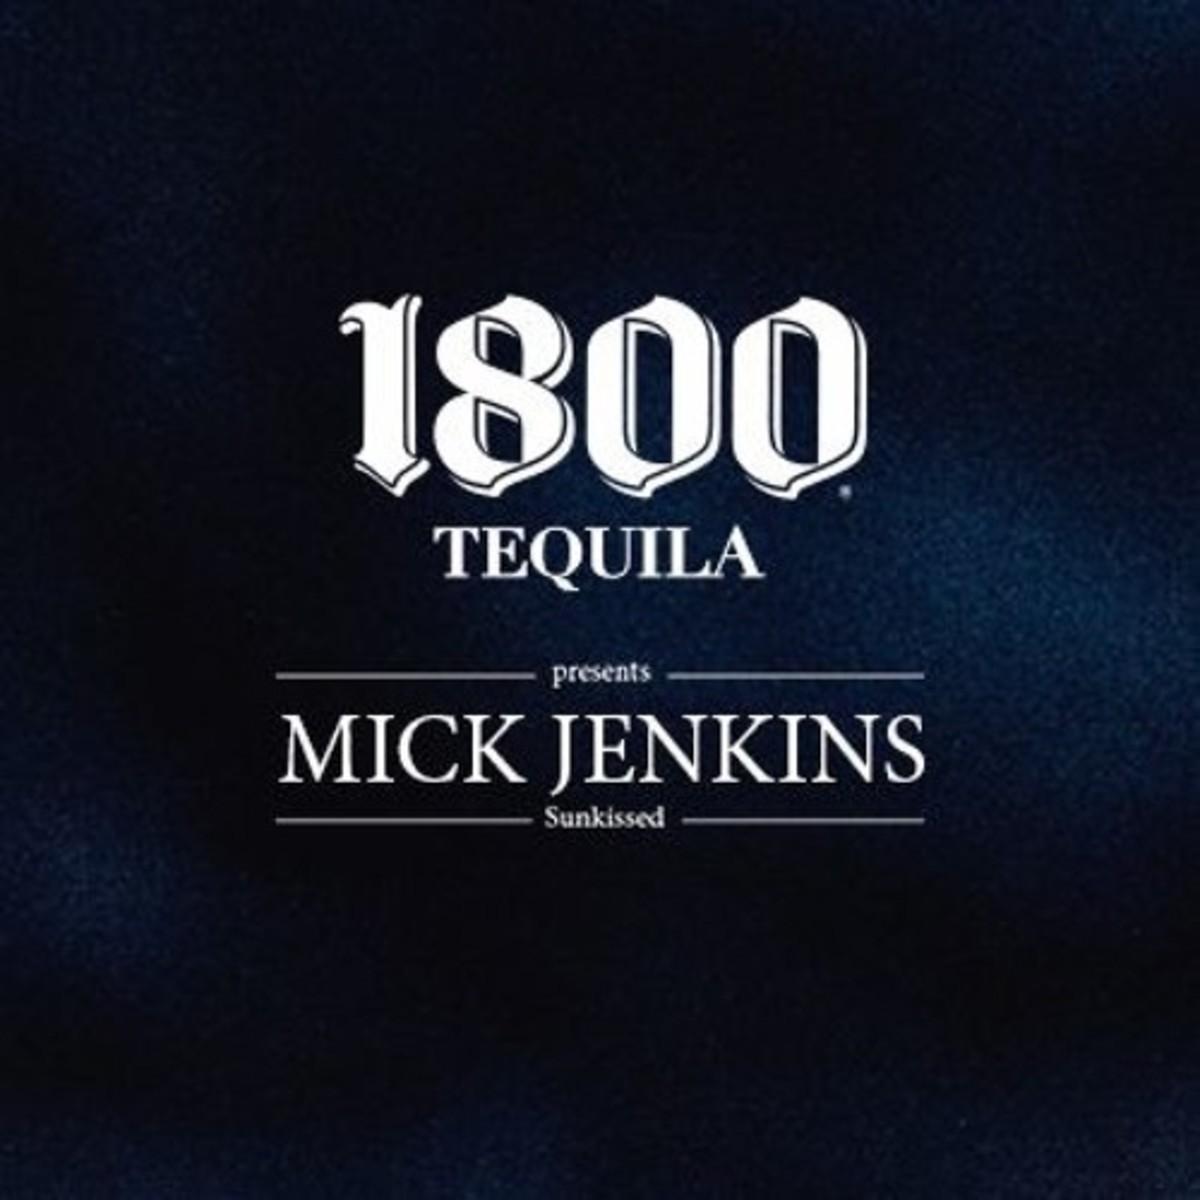 mick-jenkins-sunkissed.jpg